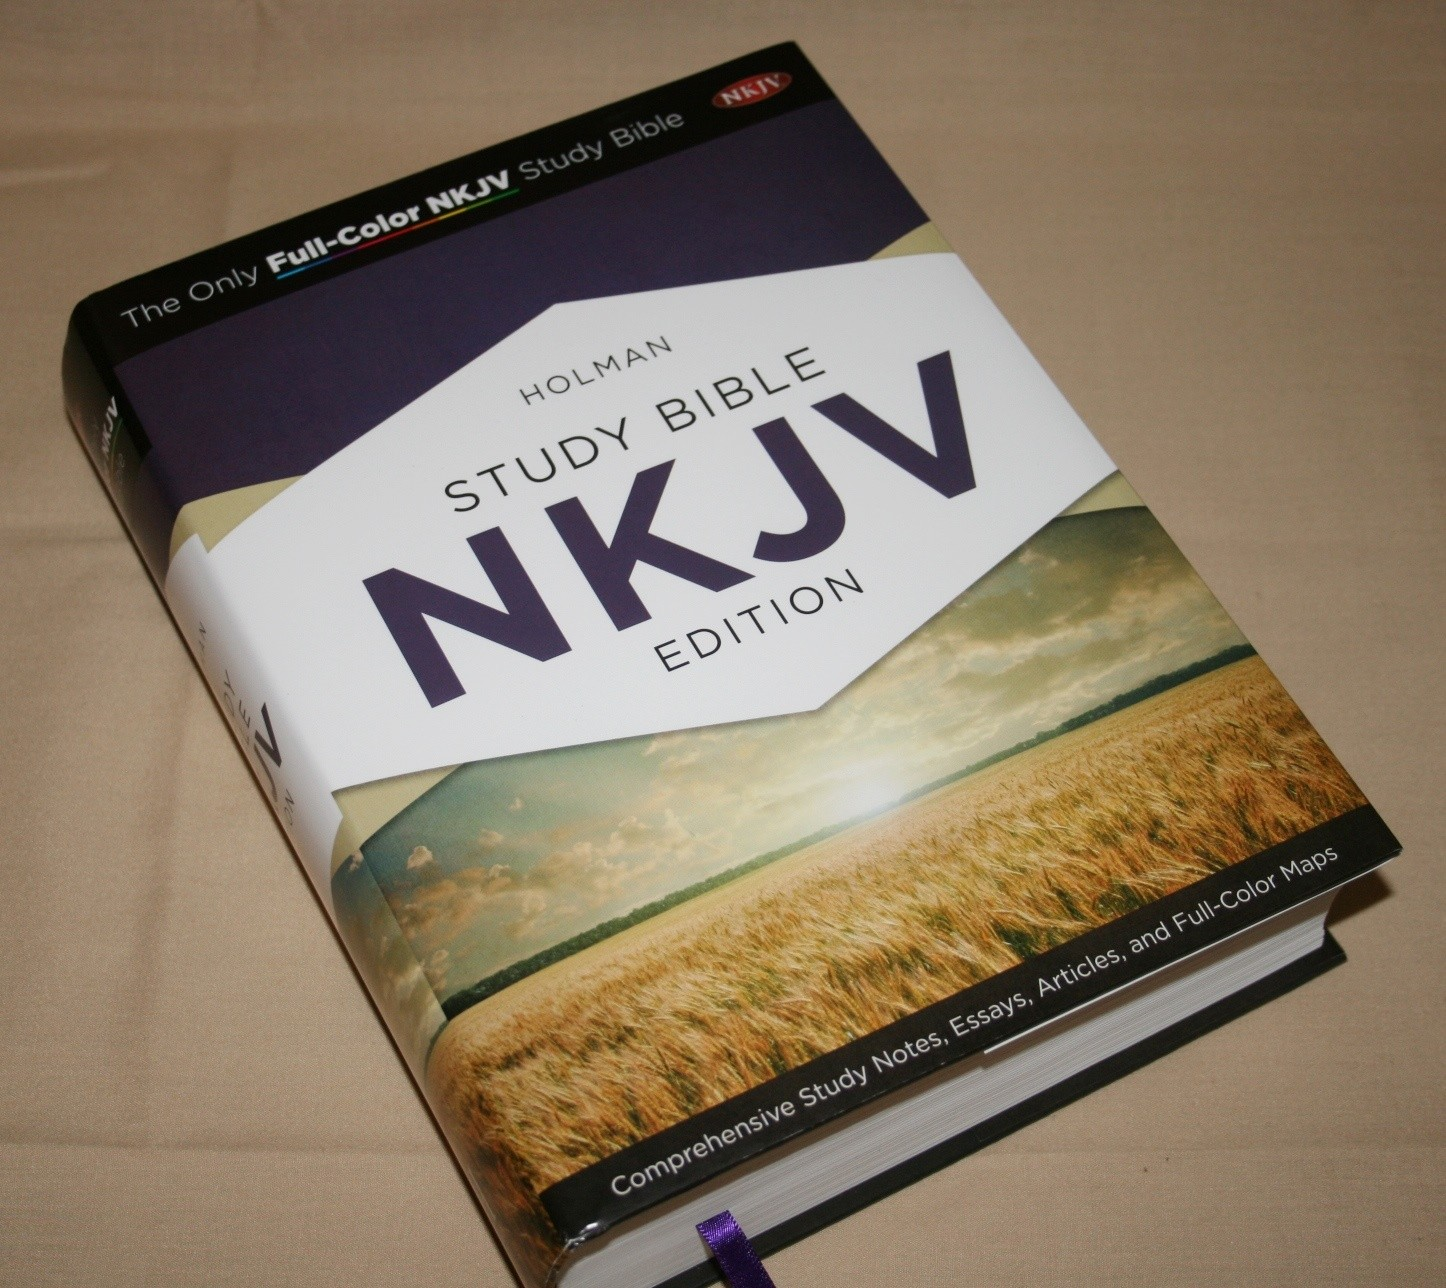 holman nkjv study bible review